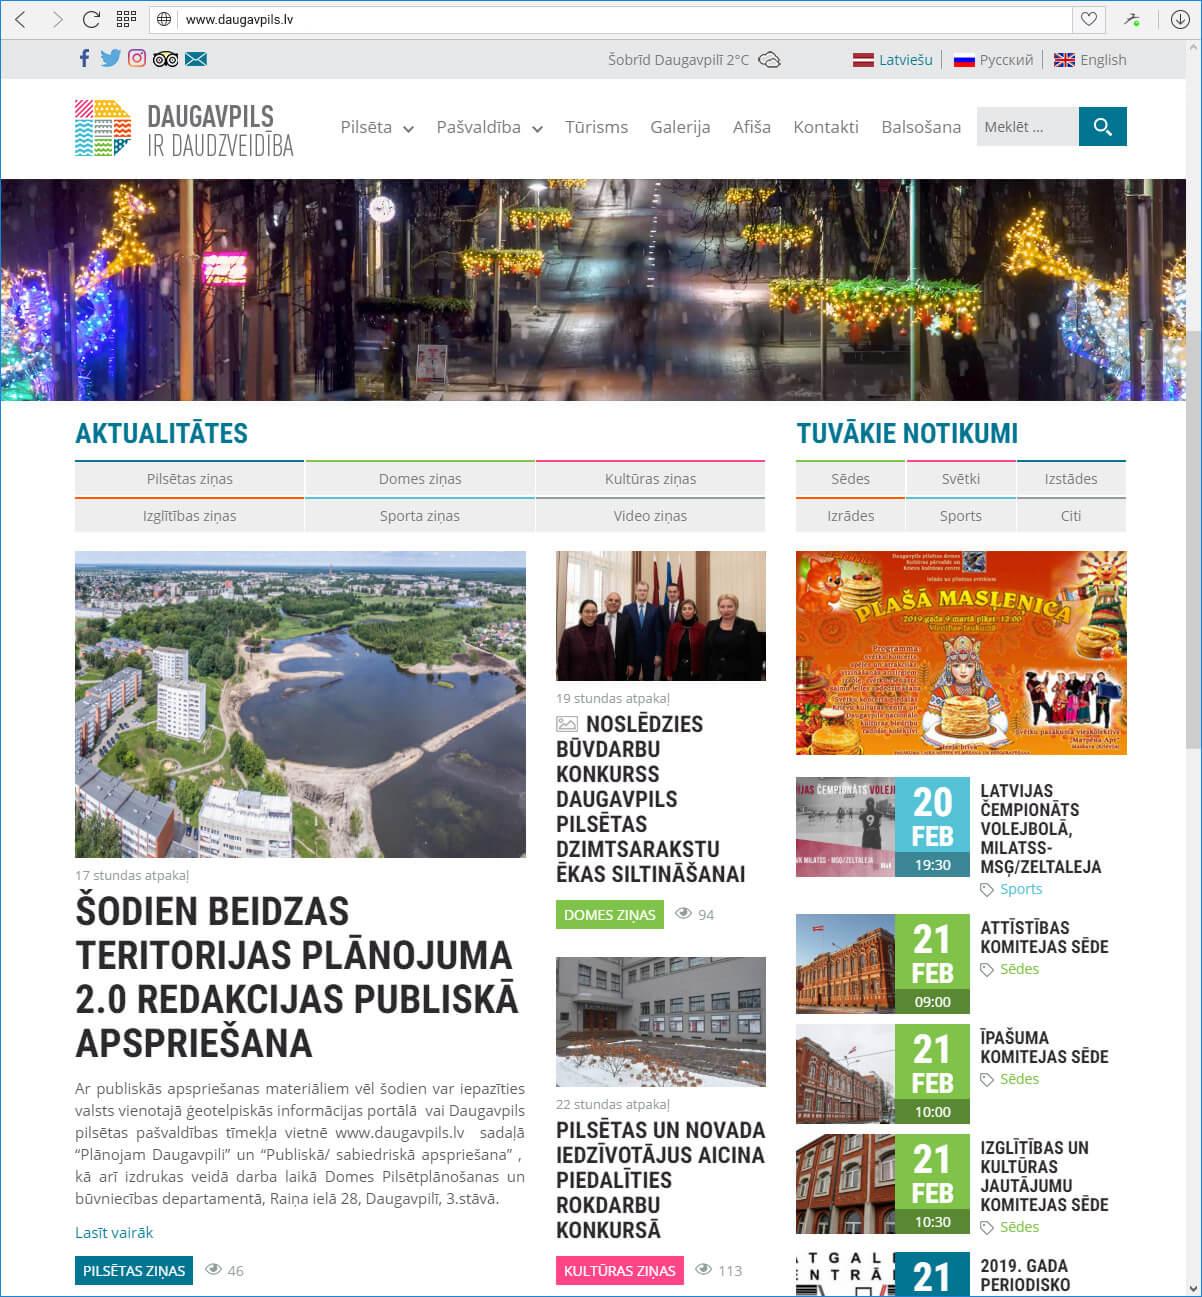 Сайт Даугавпилсской городской думы Daugavpils.lv - главная